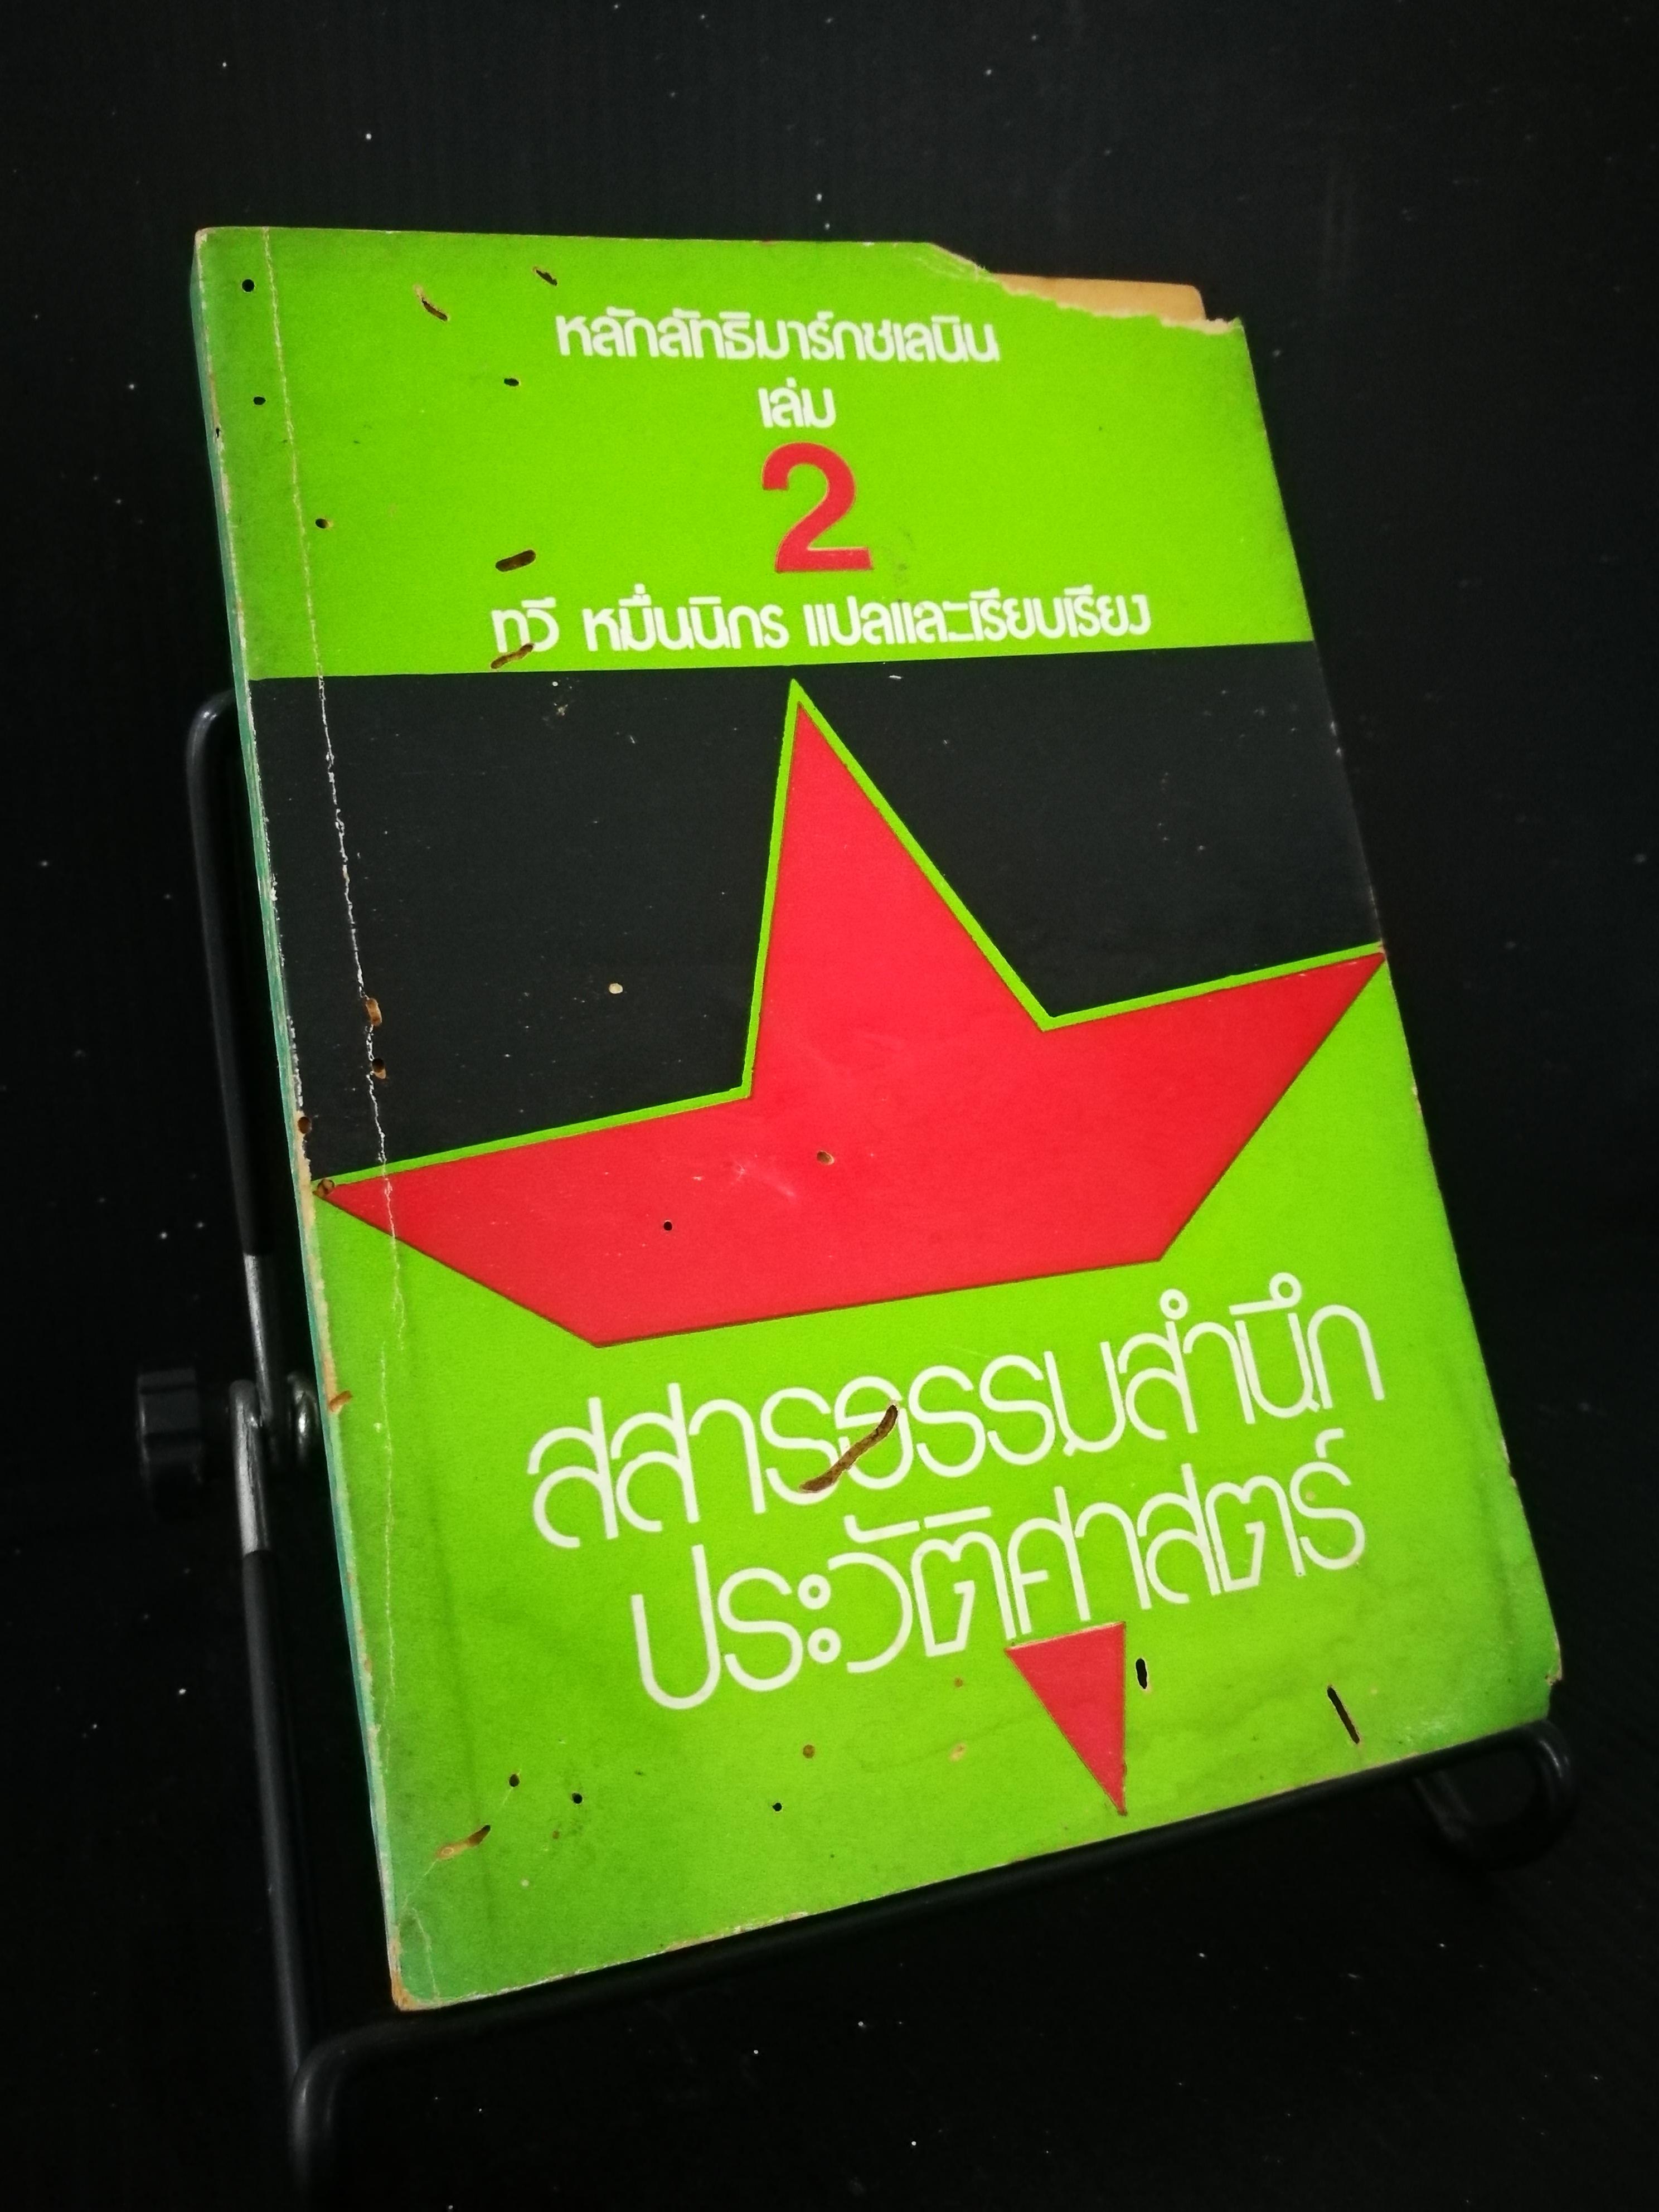 หลักลัทธิมาร์กซเลนิน เล่ม2 - หนังสือต้องห้าม